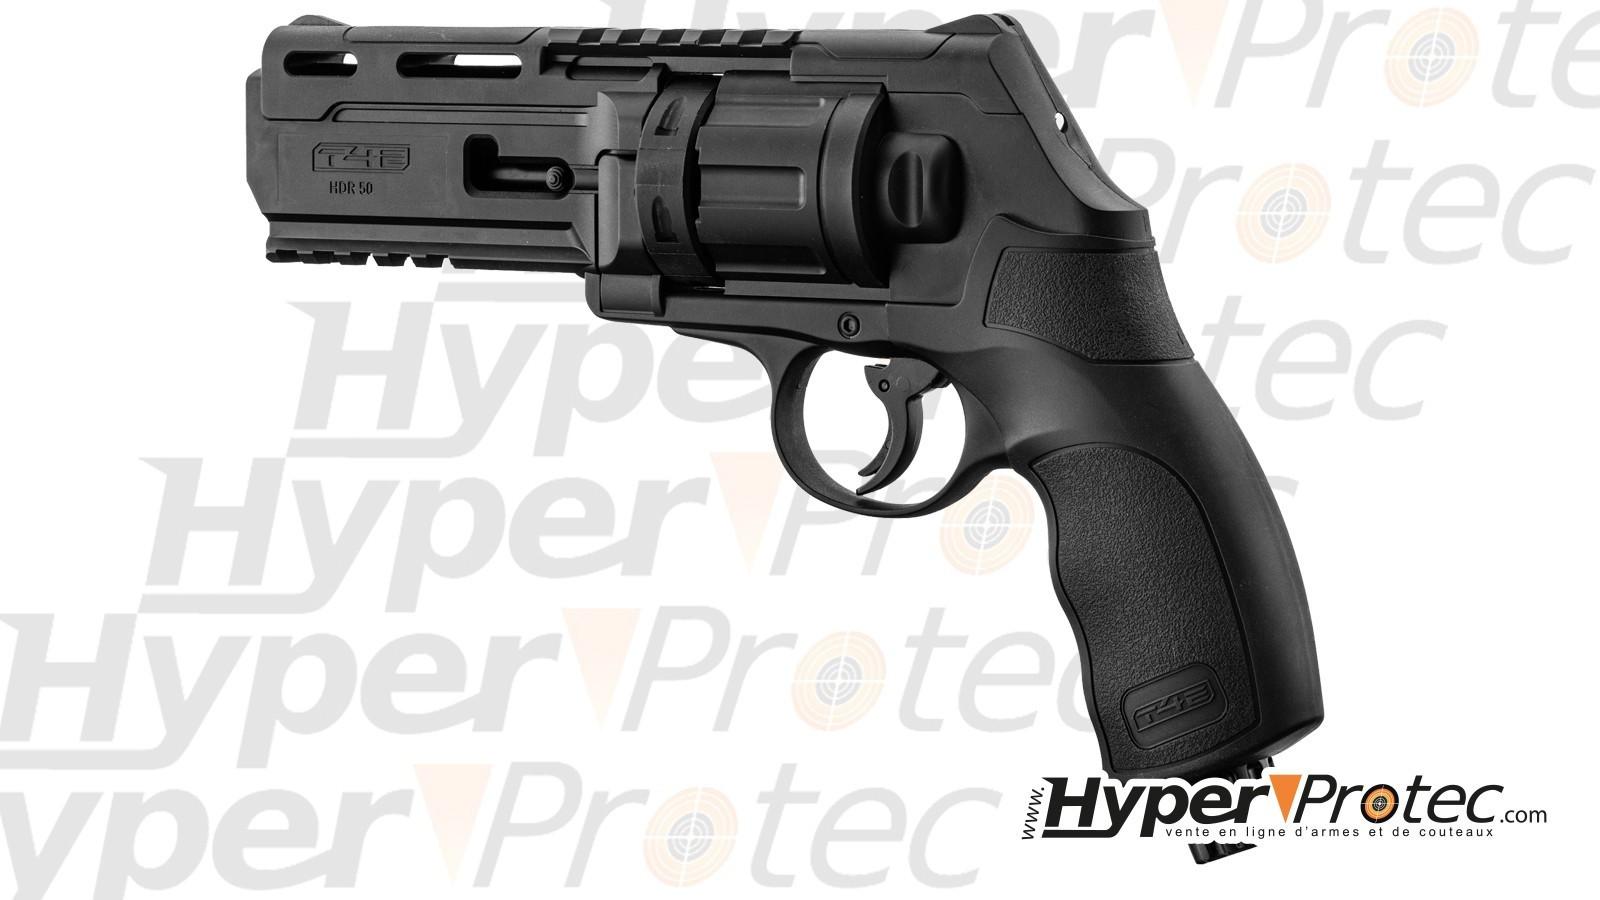 Pistolet factice Luger P08 version longue